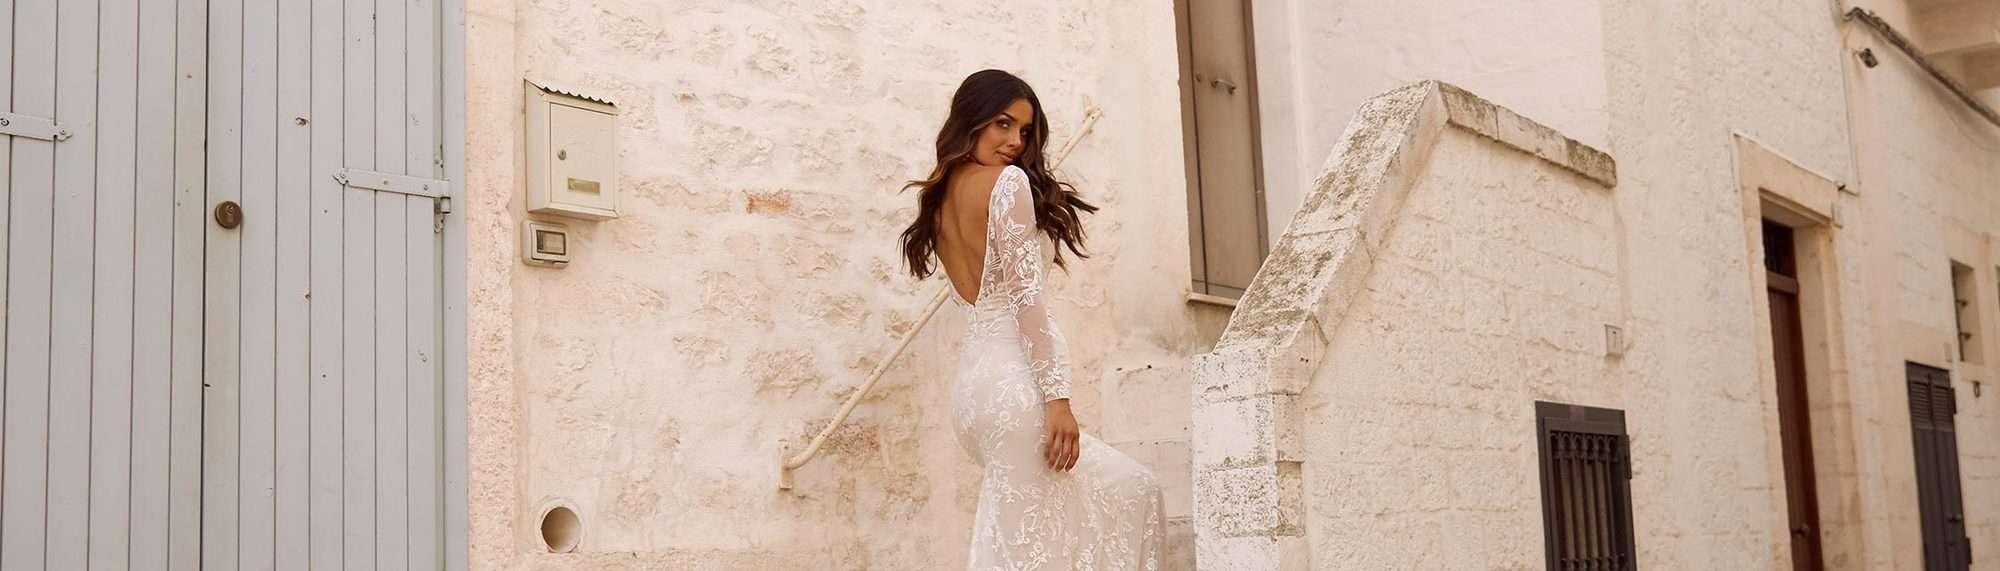 Brautkleider für die standesamtliche Trauung in Hannover finden